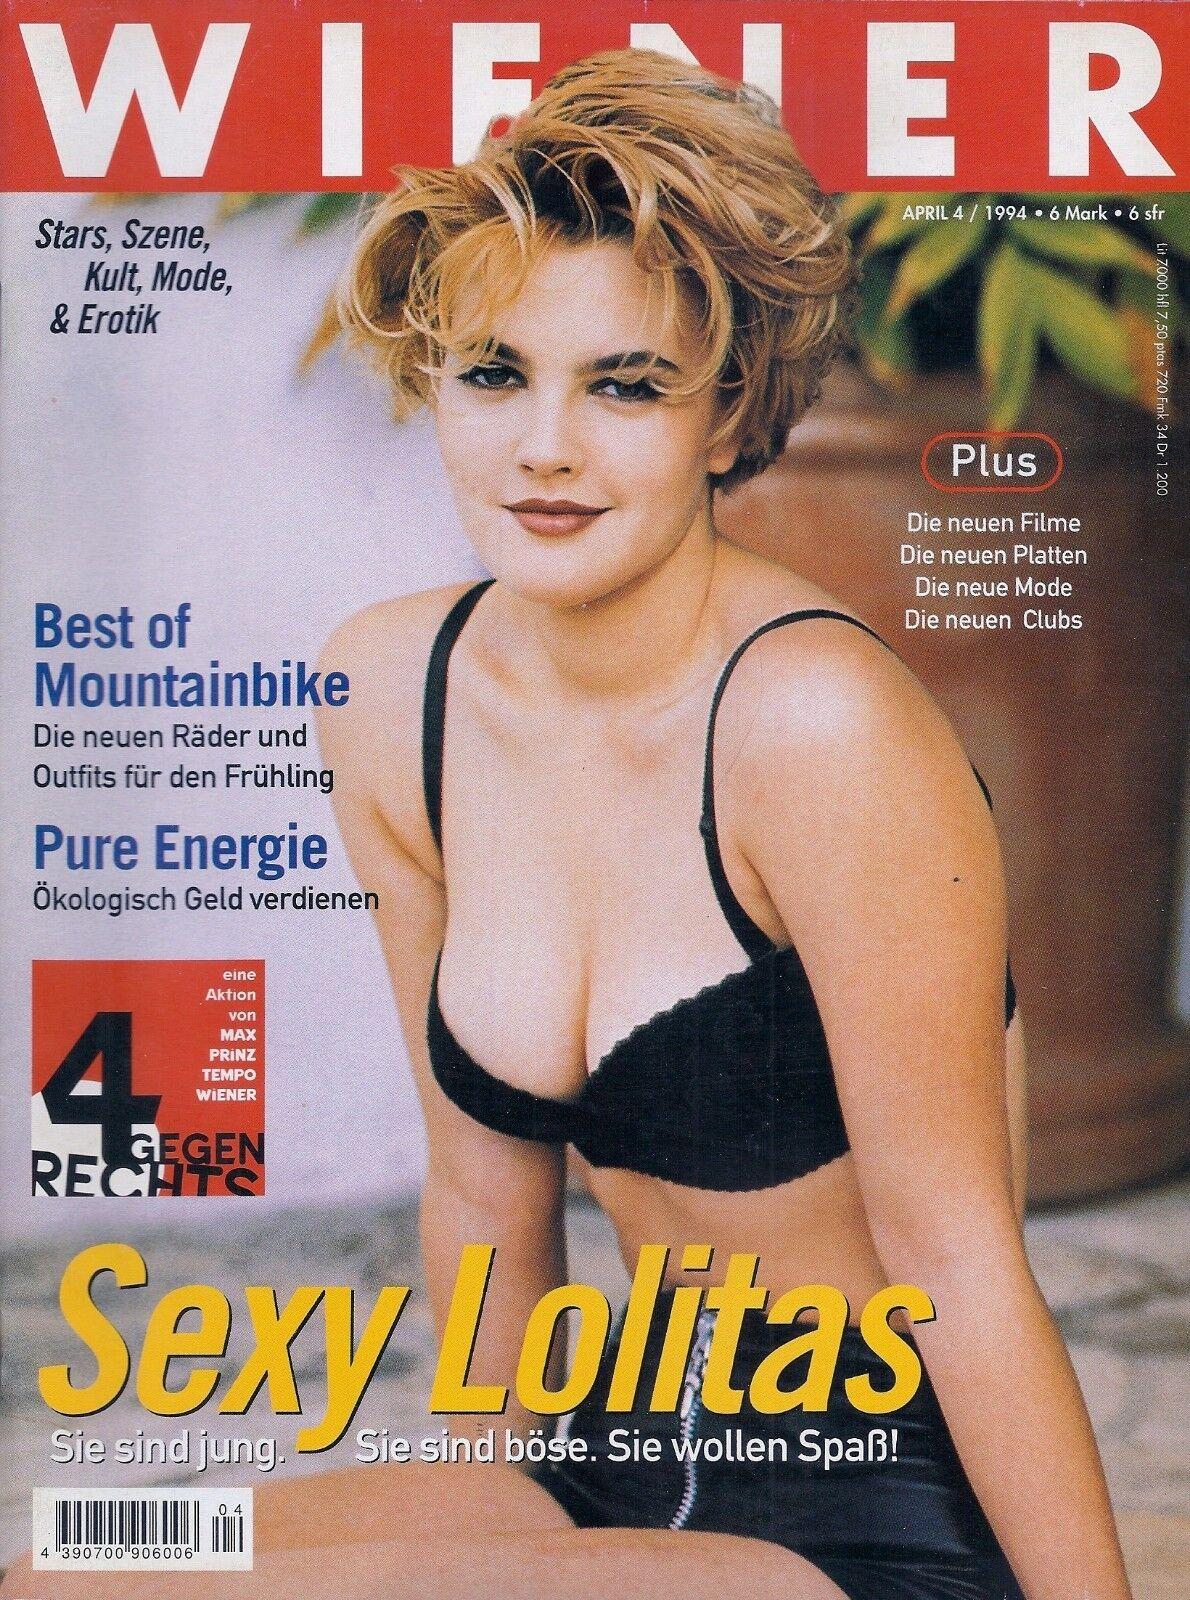 WIENER (4/1994) Männermagazin Österreich / Sexy Lolitas / Vintage 1990er Girls